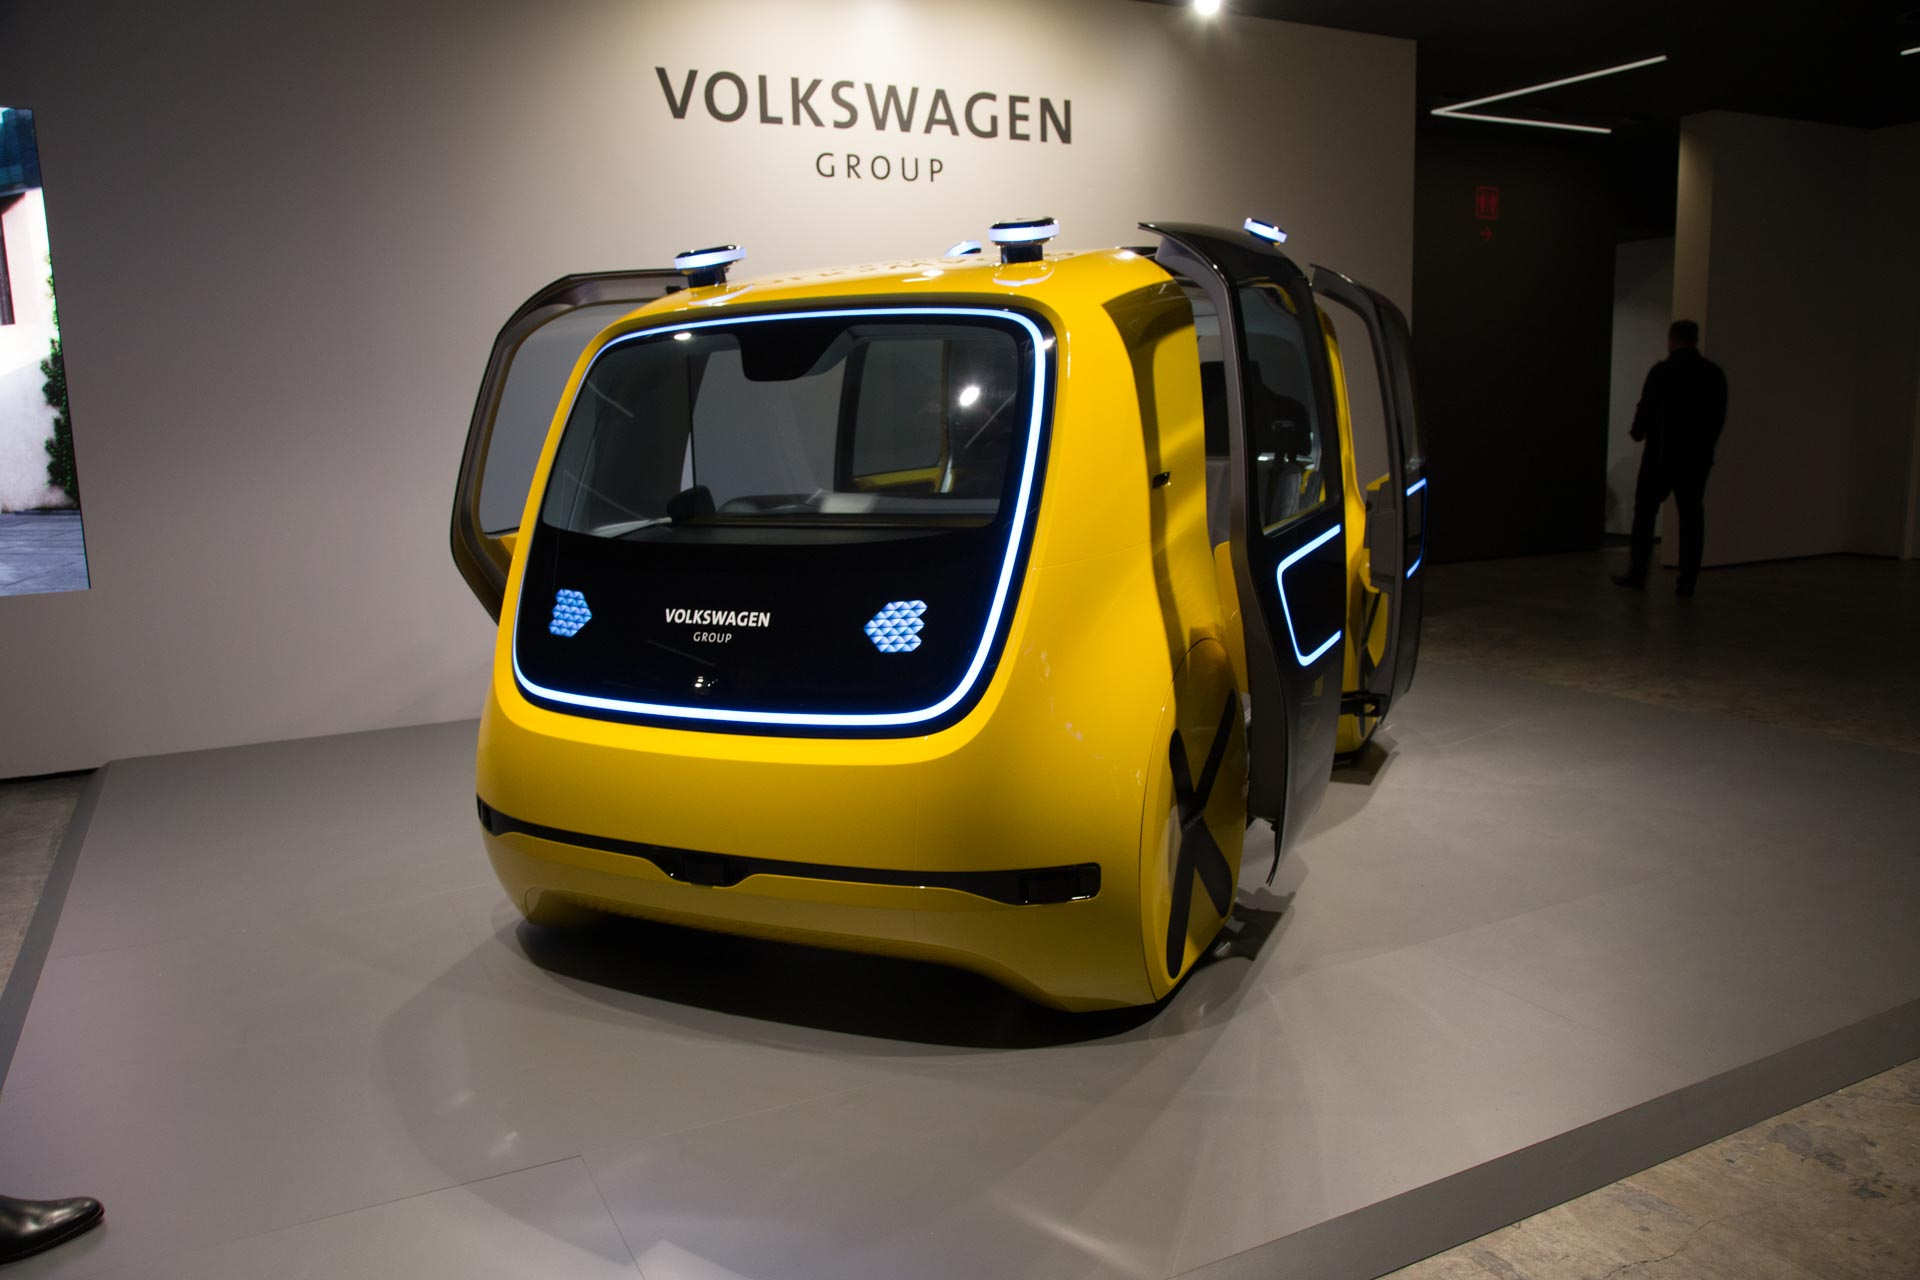 Volkswagen Group Geneva Preview Night 2018 GTspirit